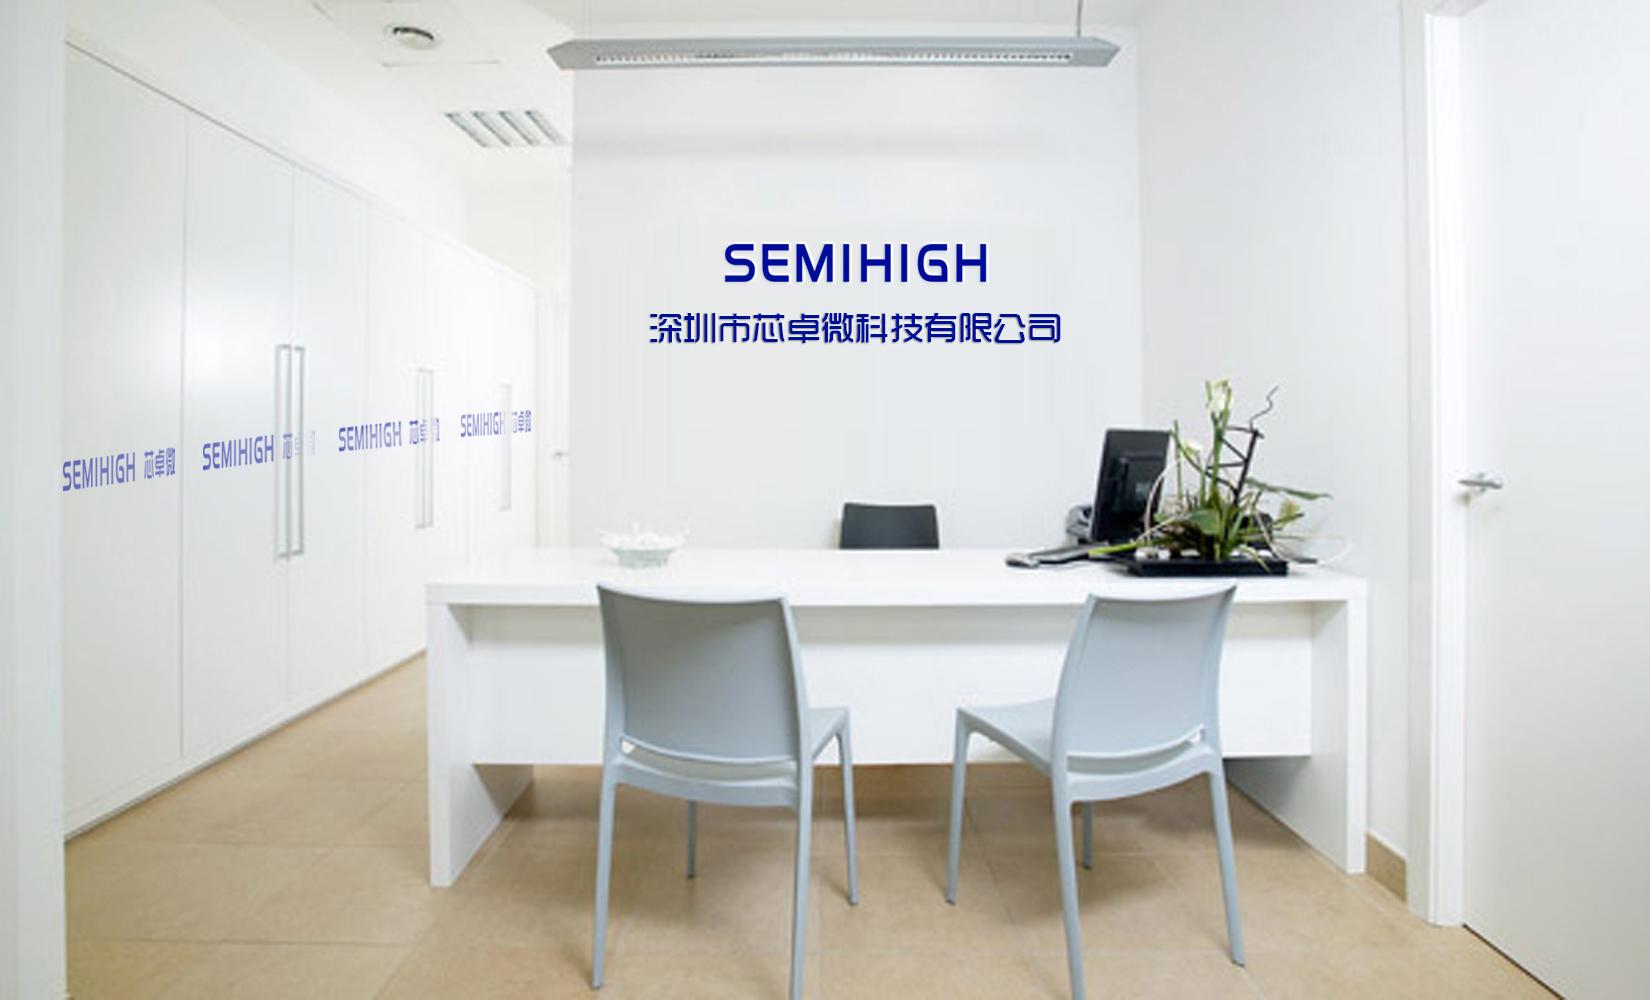 深圳市芯卓微科技有限公司前台效果图.jpg(464.83k)图片